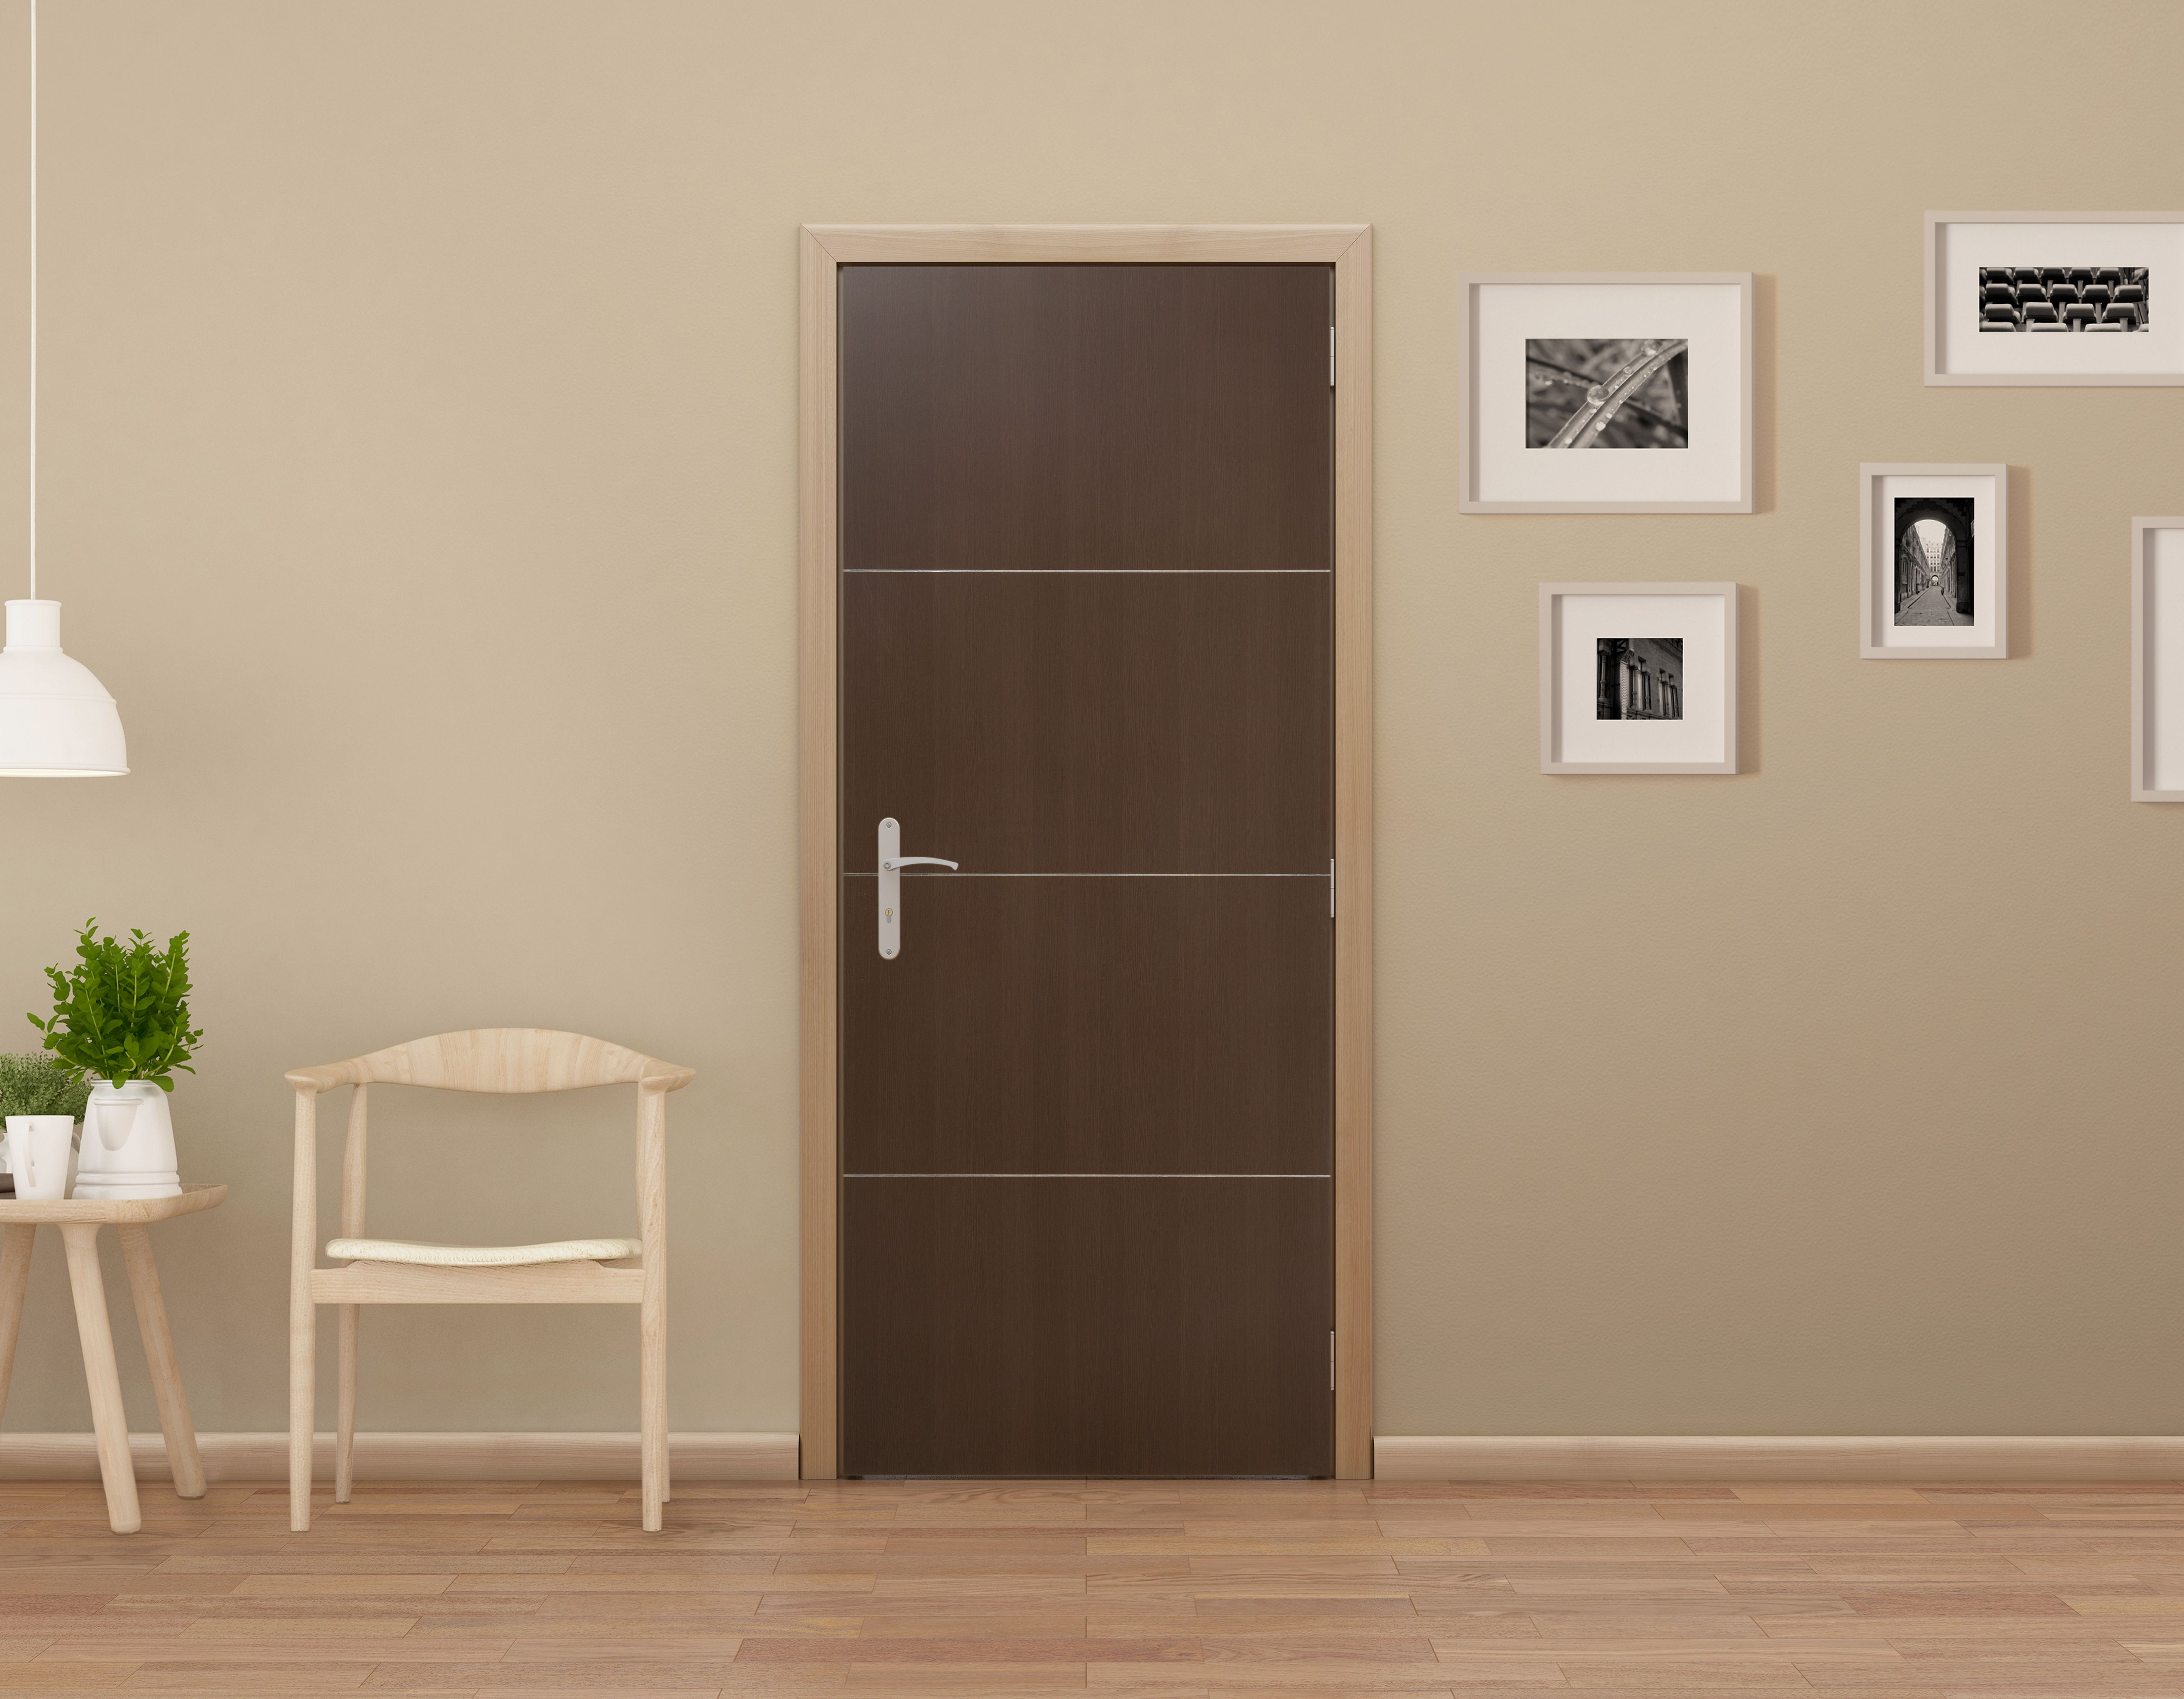 Puerta para interior color caf modelo lodge medidas 90x213cm servicio de corte opcional - Medidas de puertas de interior ...